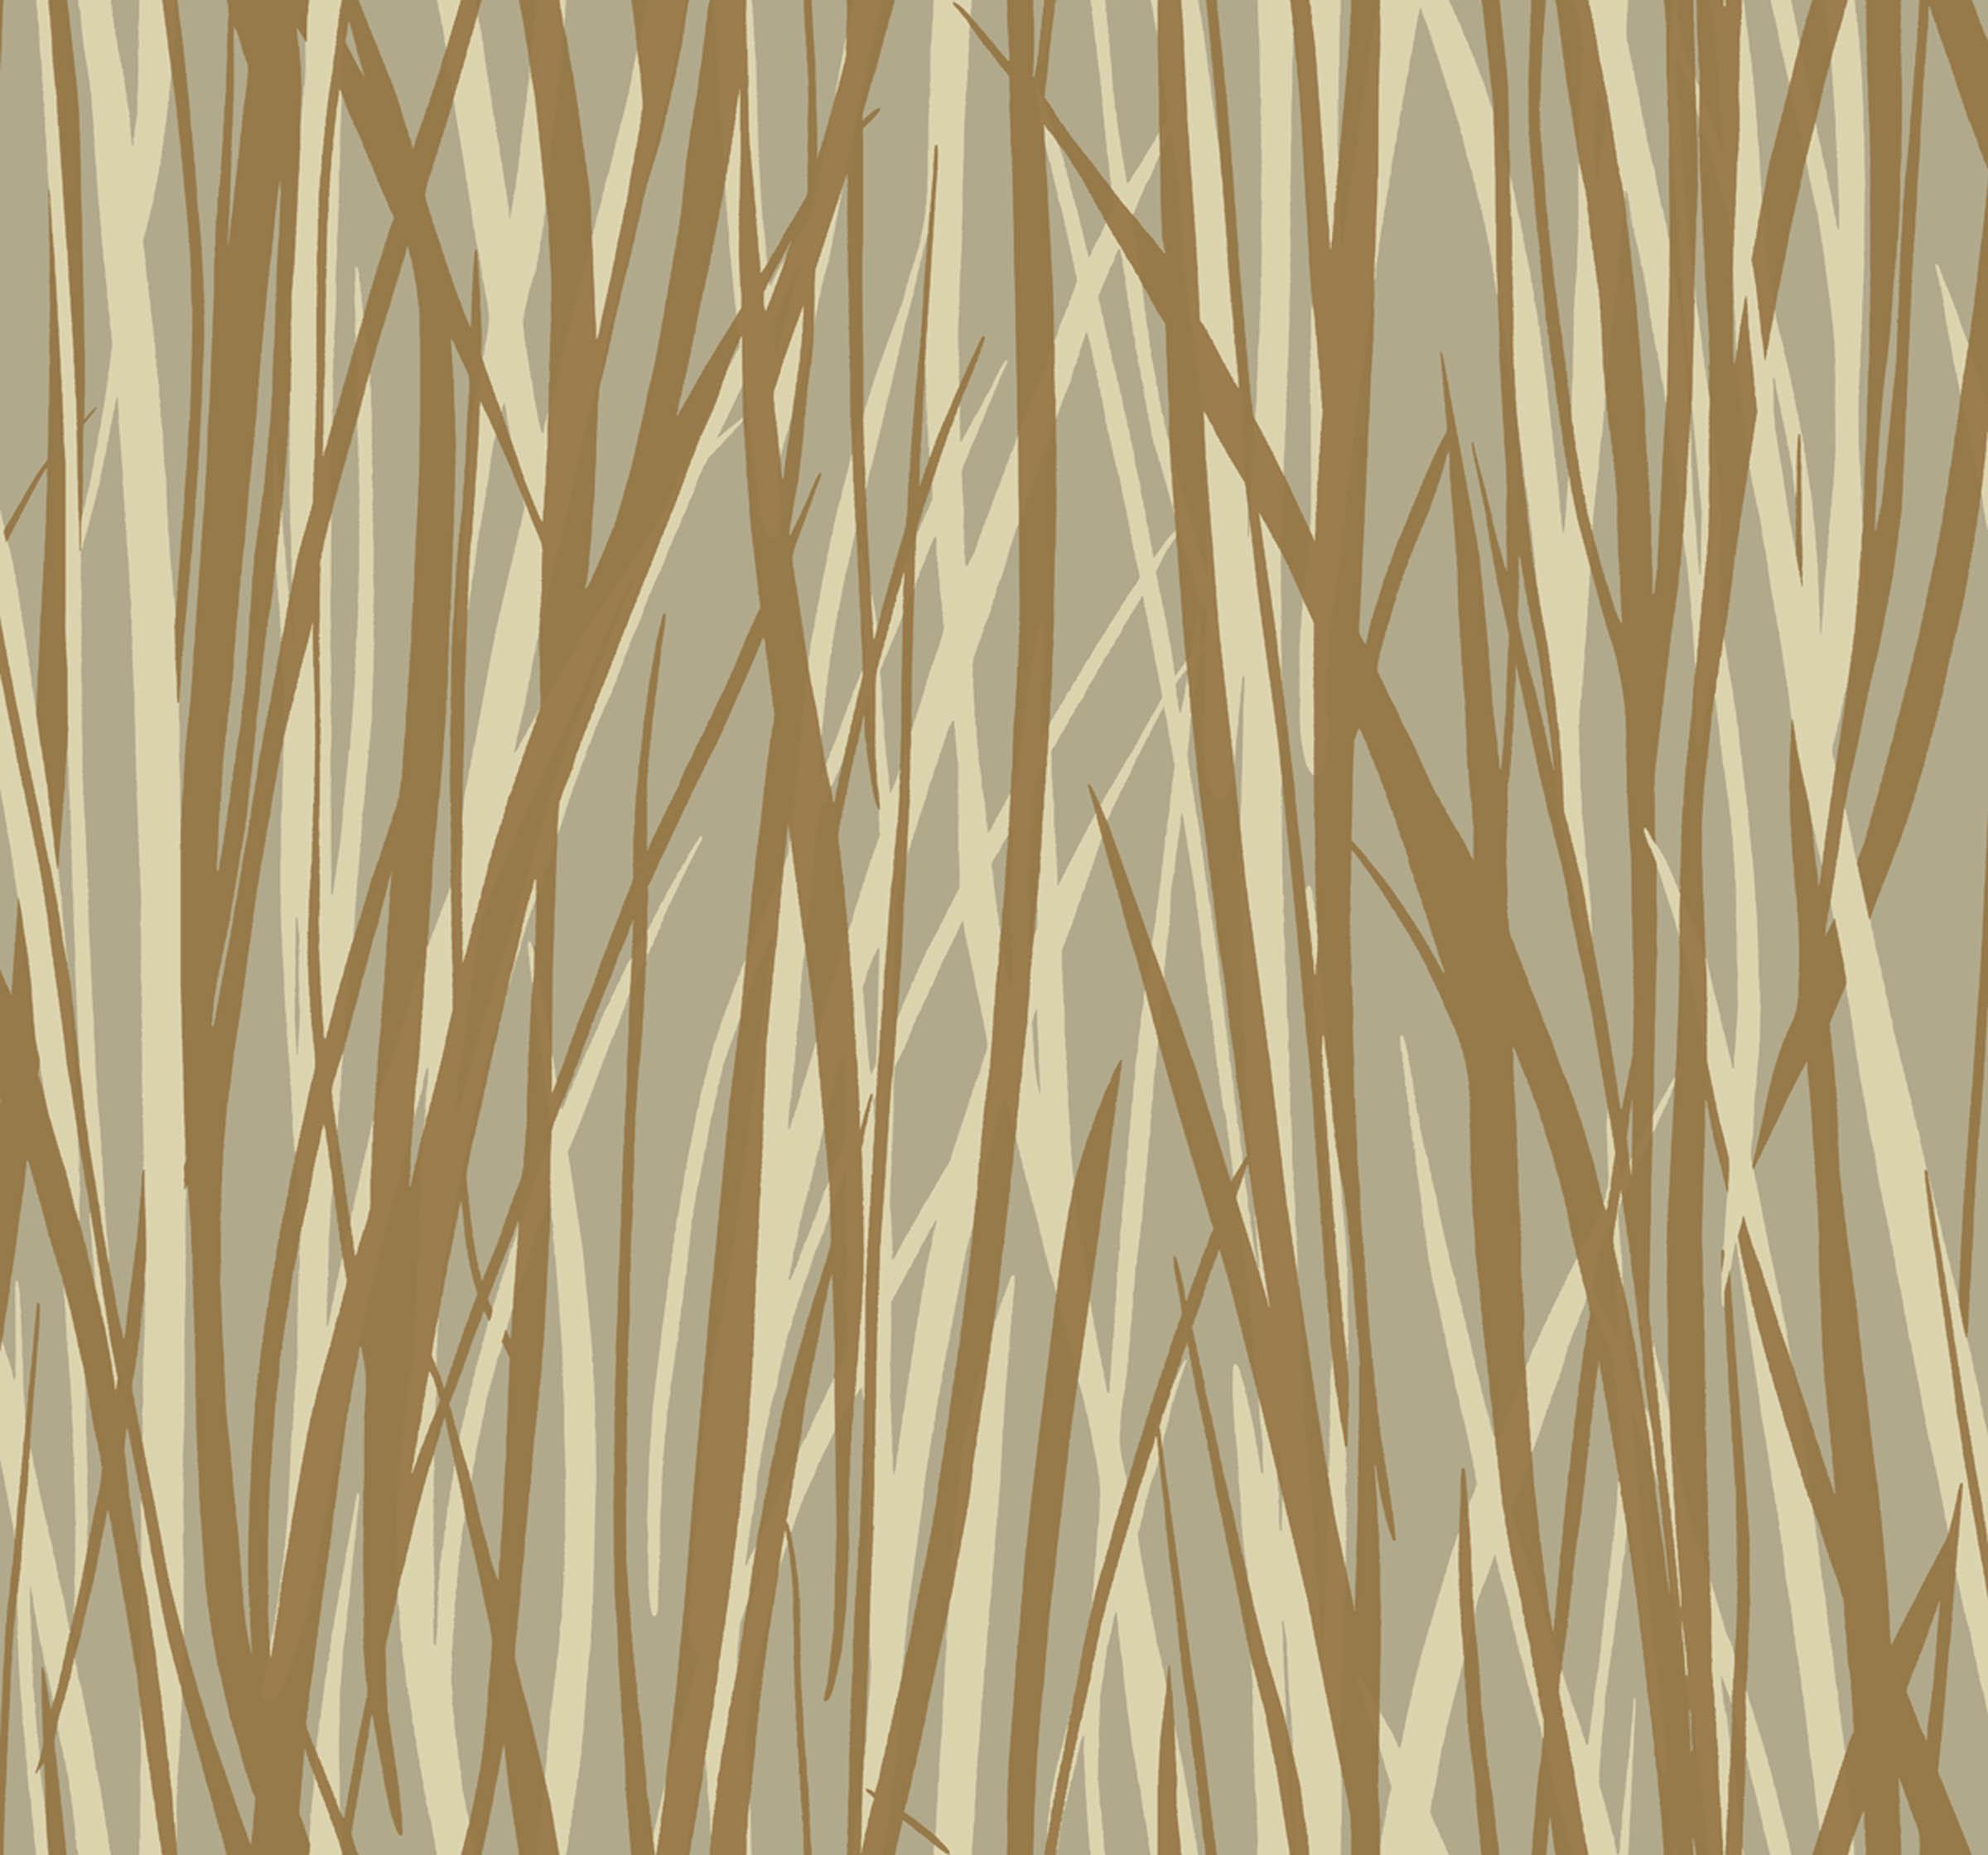 """Grasses design from Sandpiper Studios' """"Eco Chic"""" wallpaper collection."""